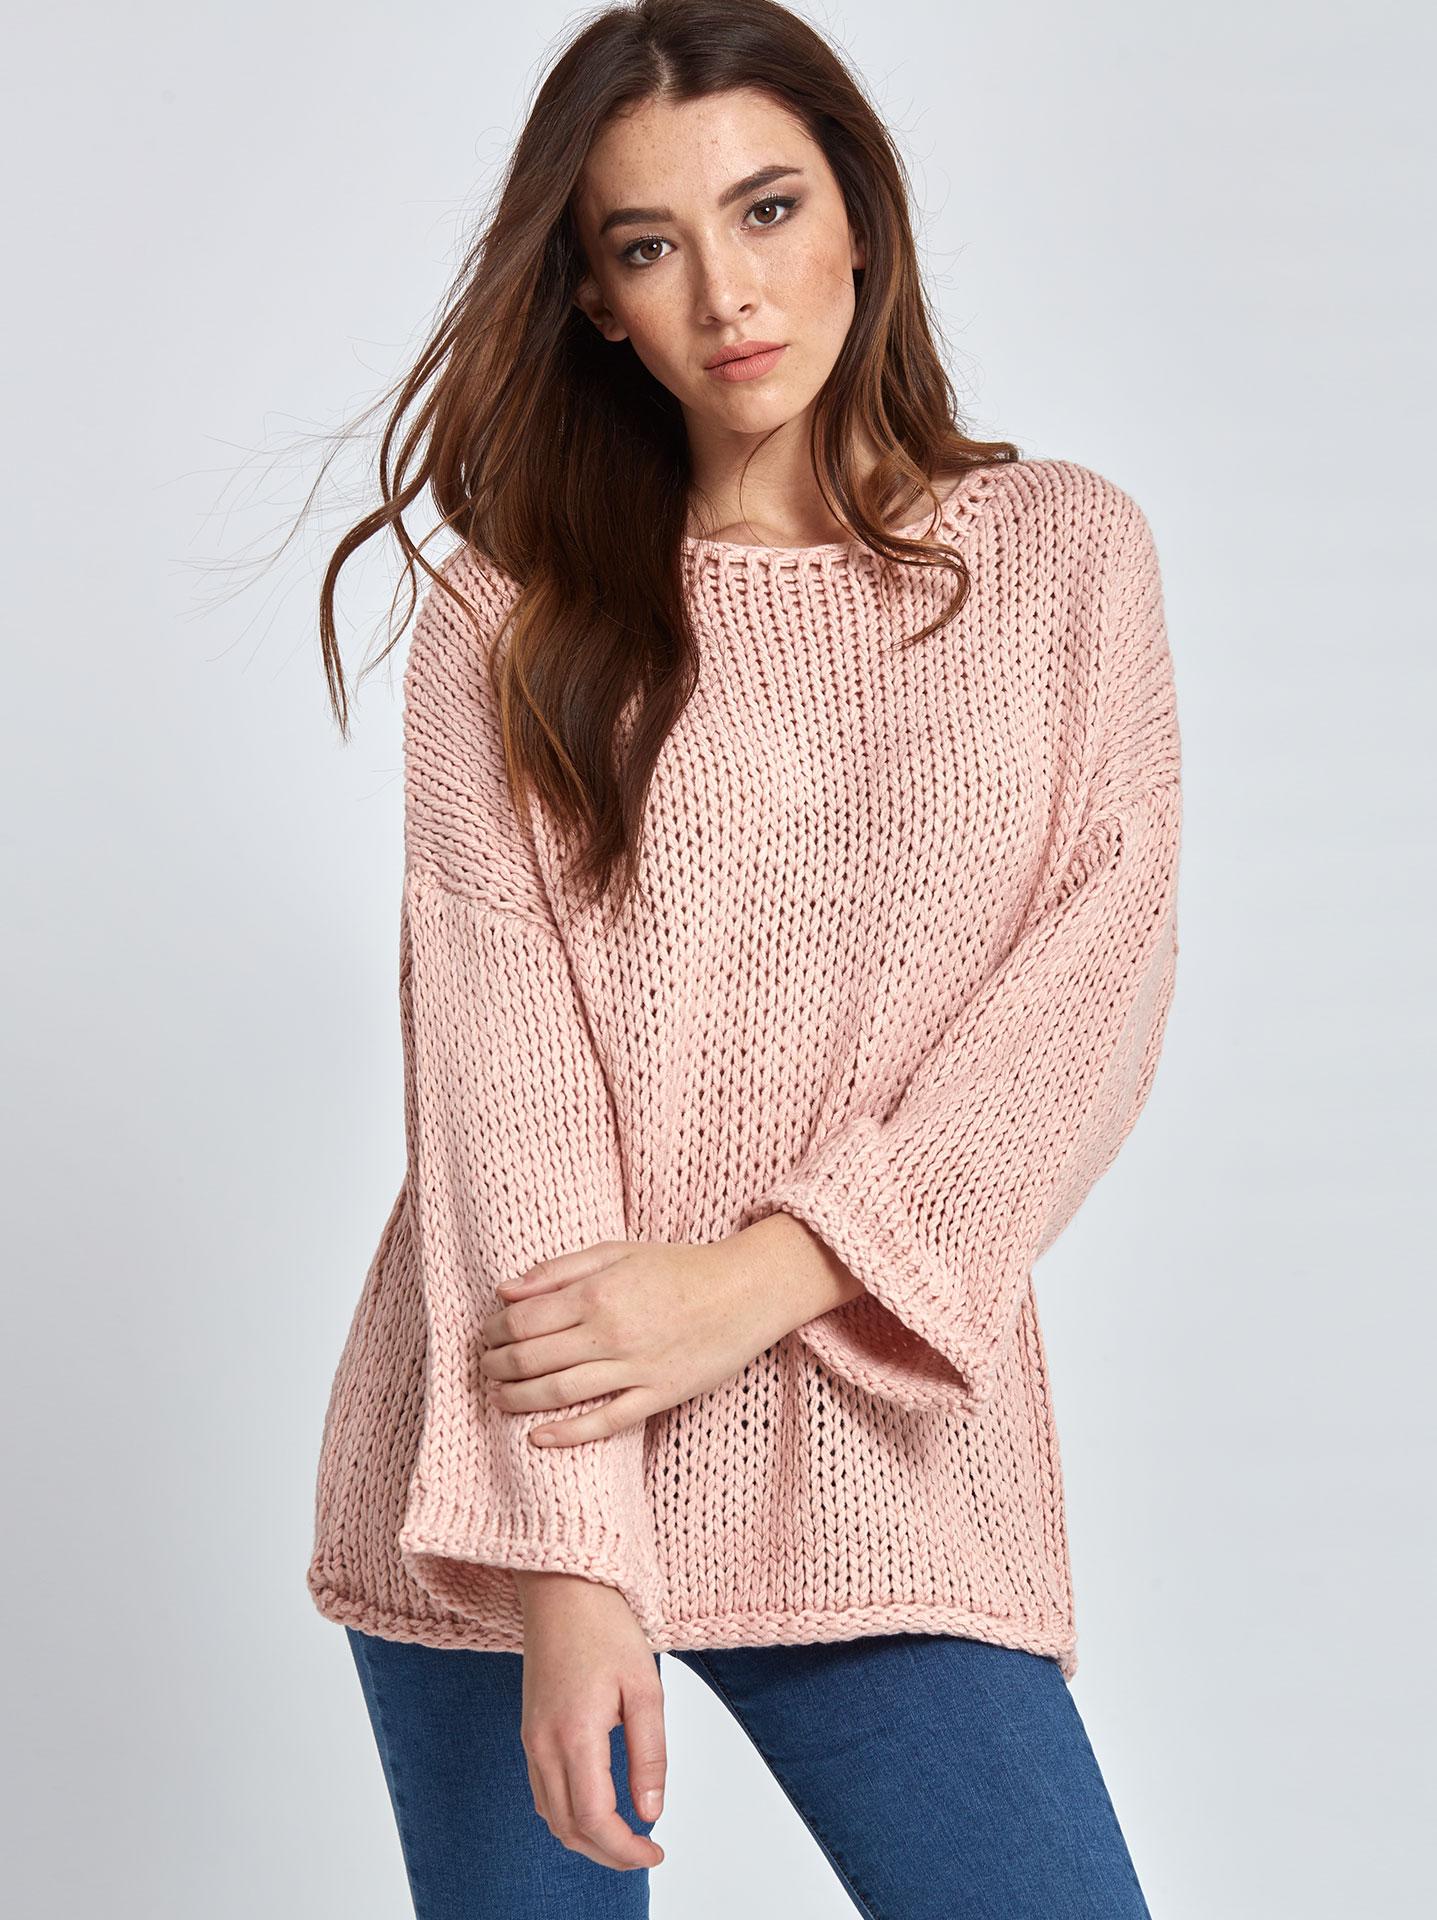 7c7118ee0082 Πλεκτό πουλόβερ σε ροζ